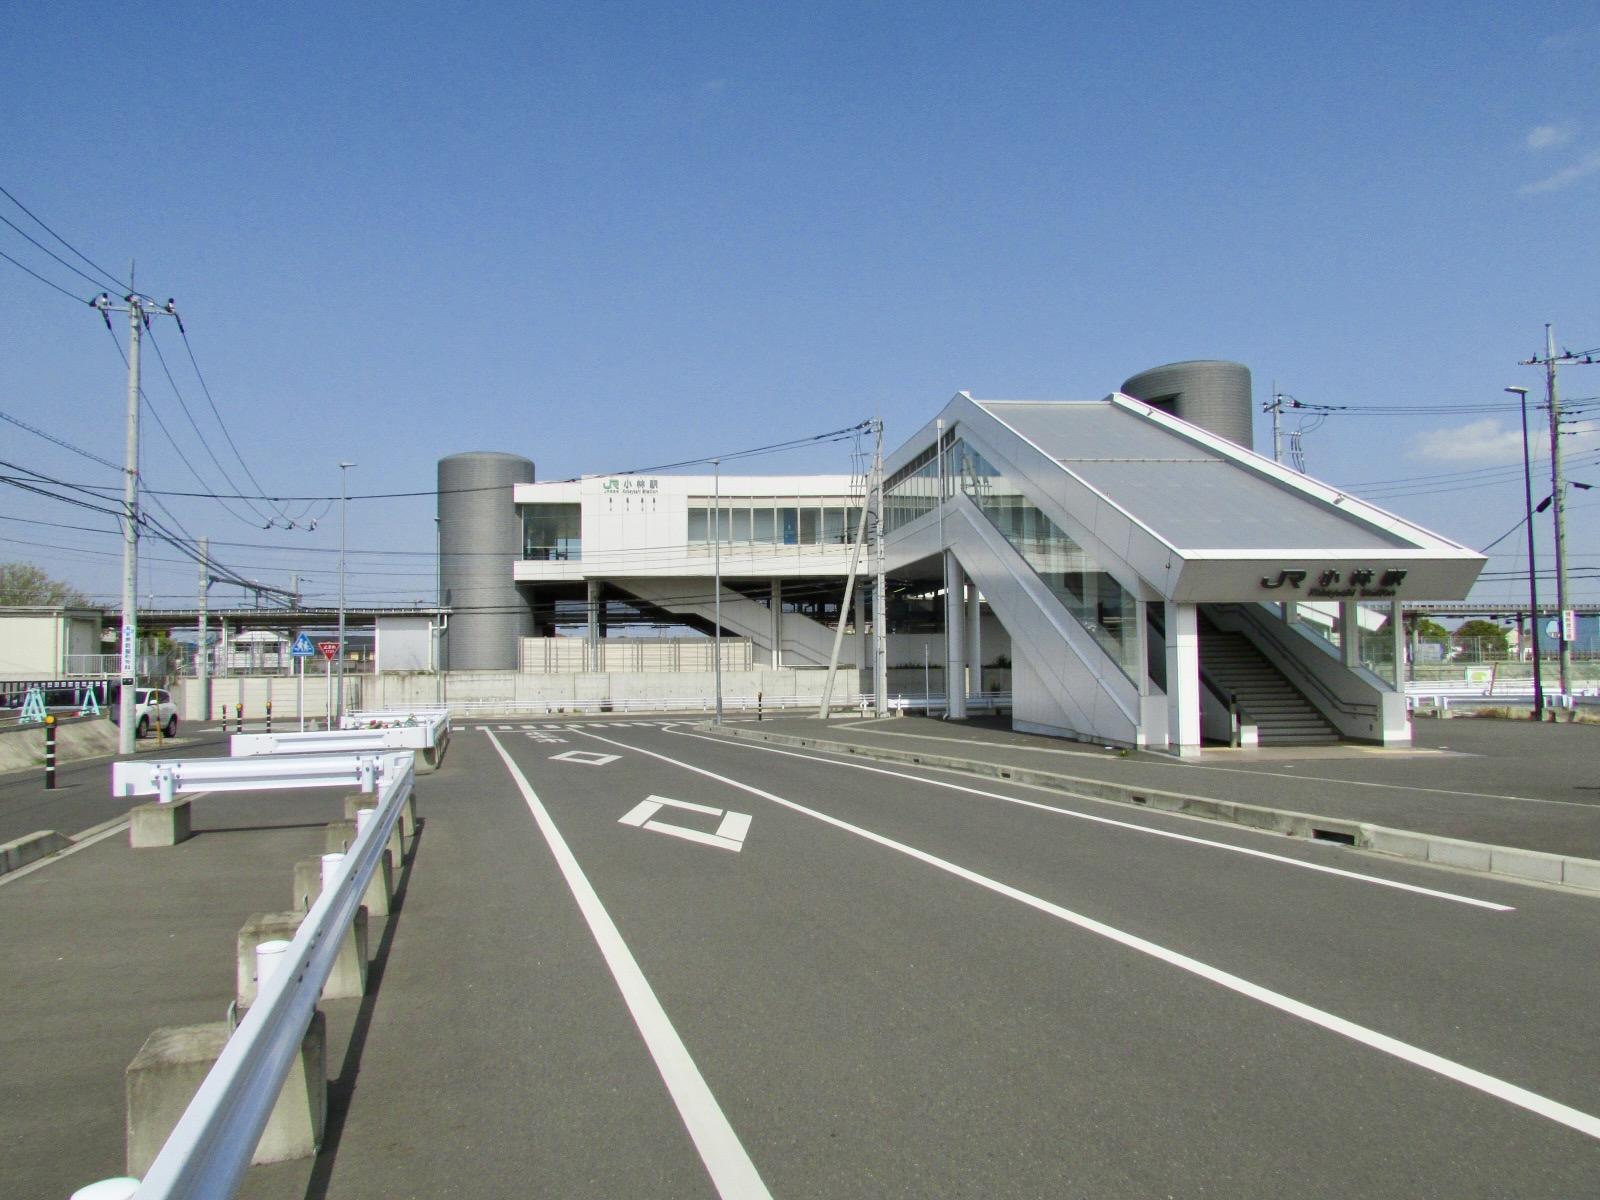 f:id:hiro-jp:20210401132254j:plain